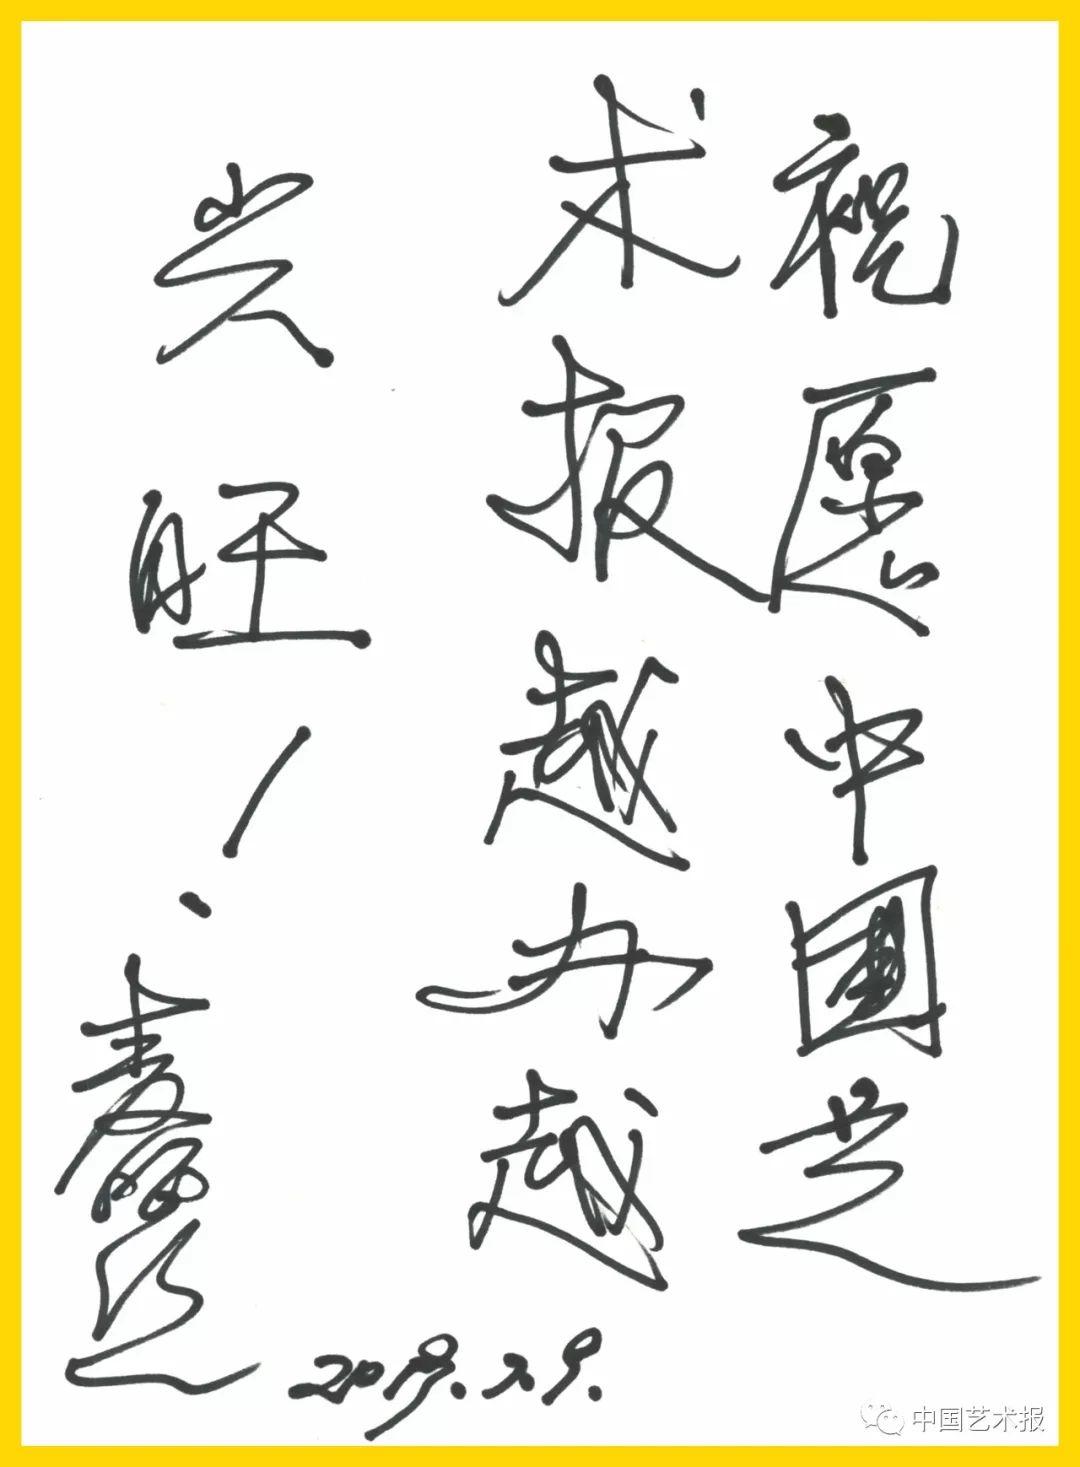 艺苑百花丨麦丽丝:内蒙古民族电影有辉煌的过去,也有可期的未来 第3张 艺苑百花丨麦丽丝:内蒙古民族电影有辉煌的过去,也有可期的未来 蒙古文化